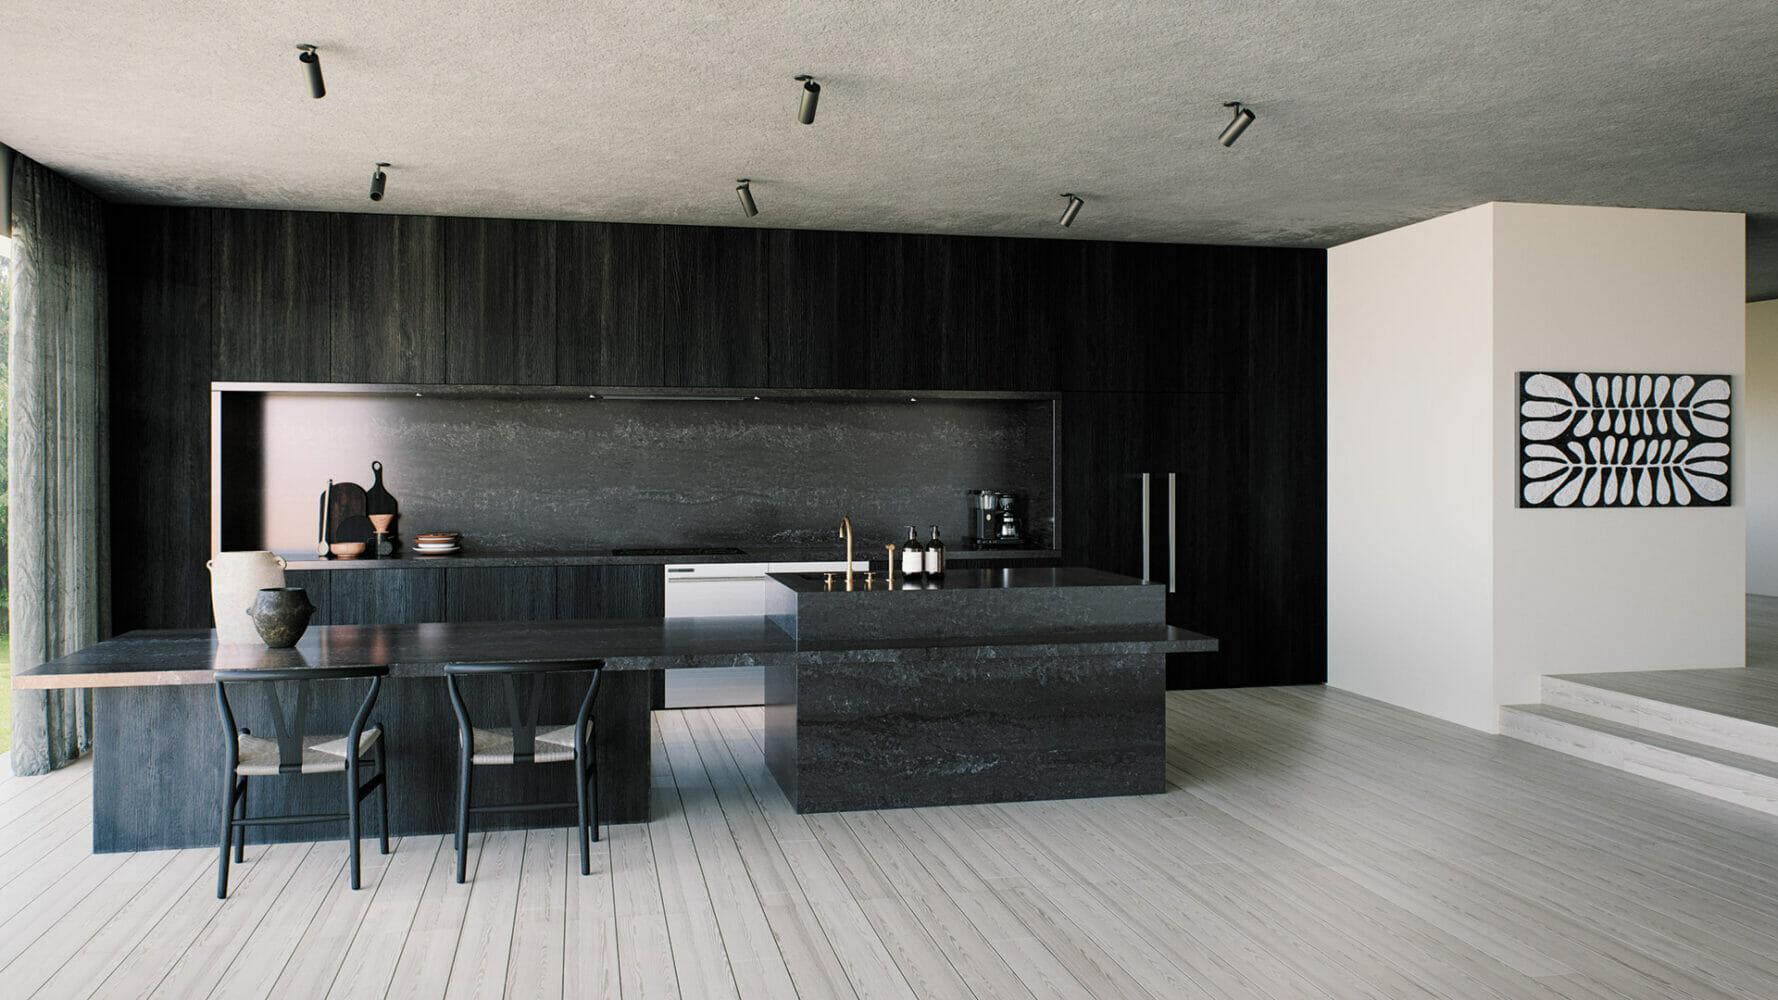 Black Tempal 5810 - Caesarstone Countertop